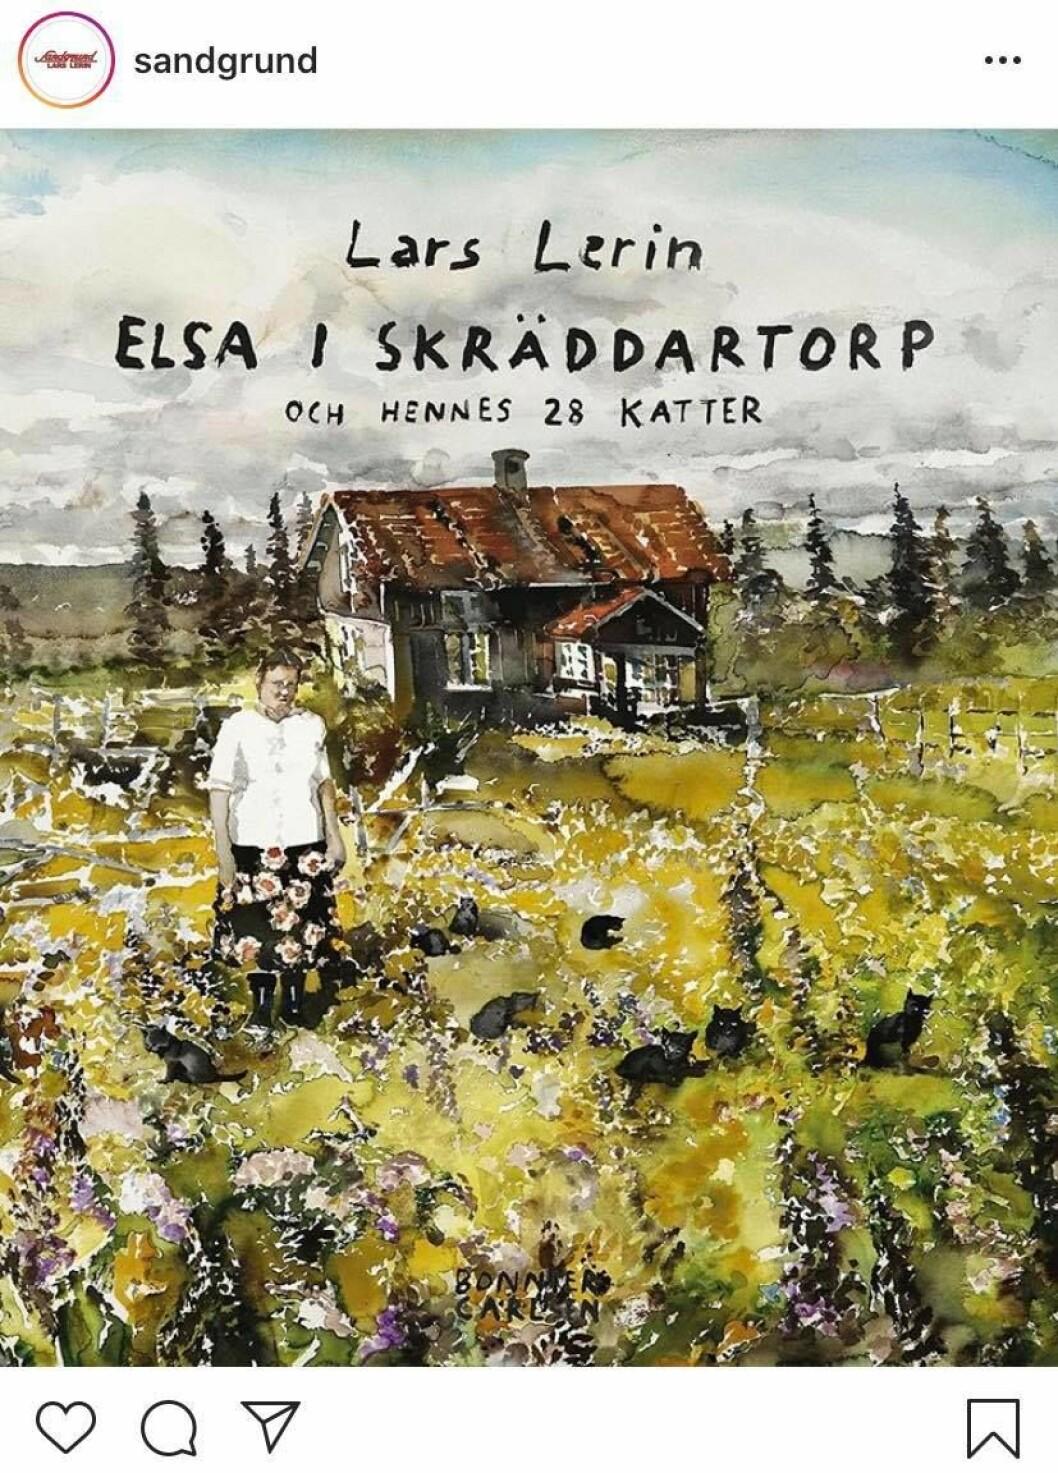 Lars Lerins glädjebesked